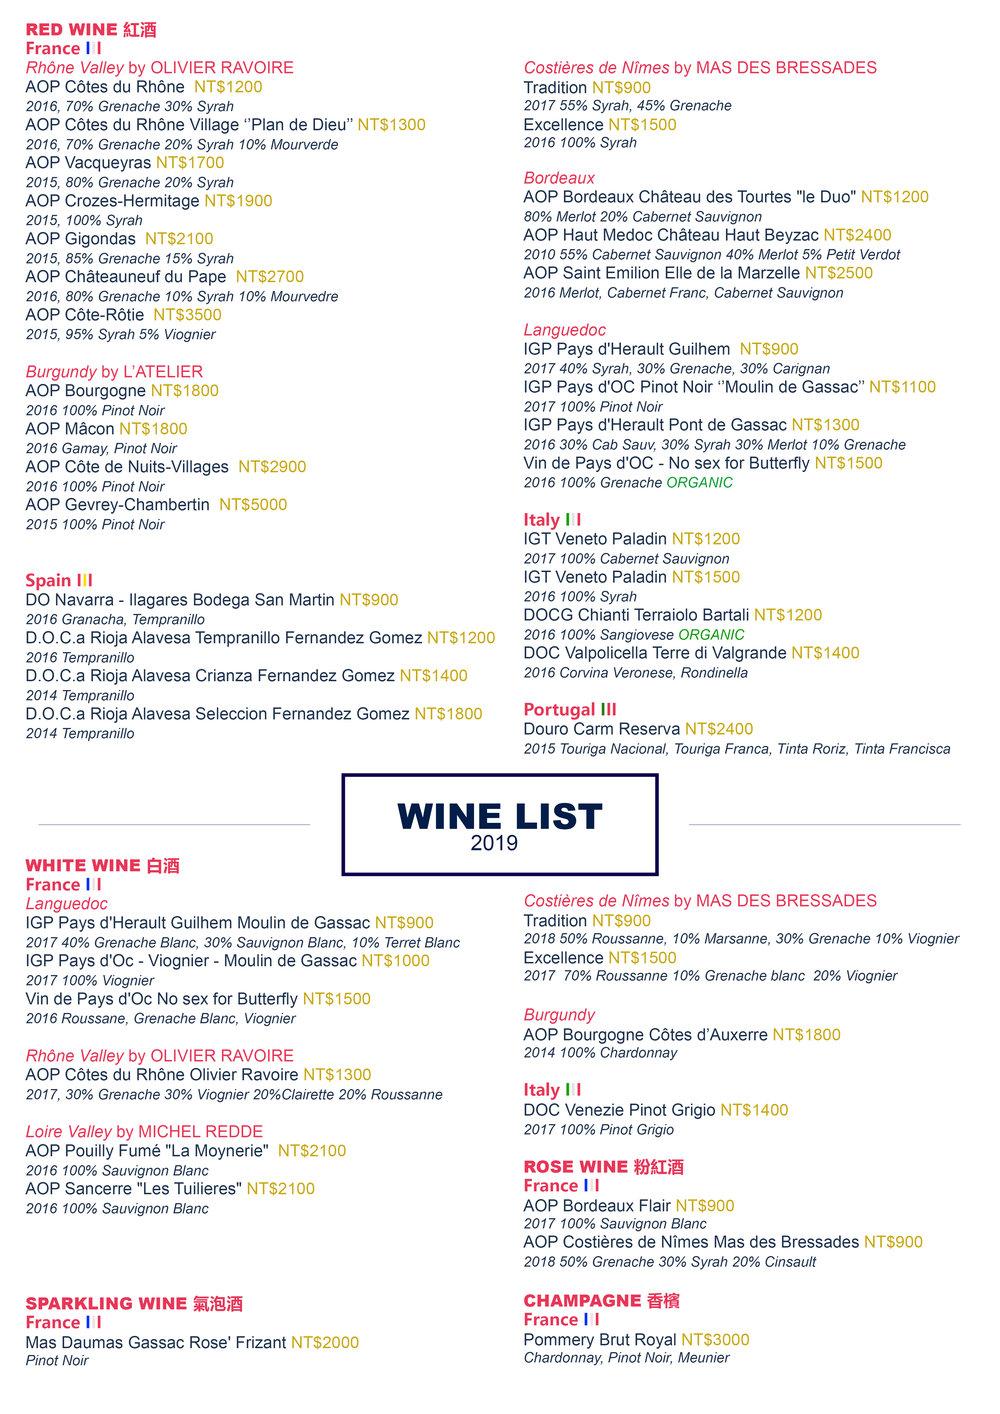 Wine-list-2019.jpg